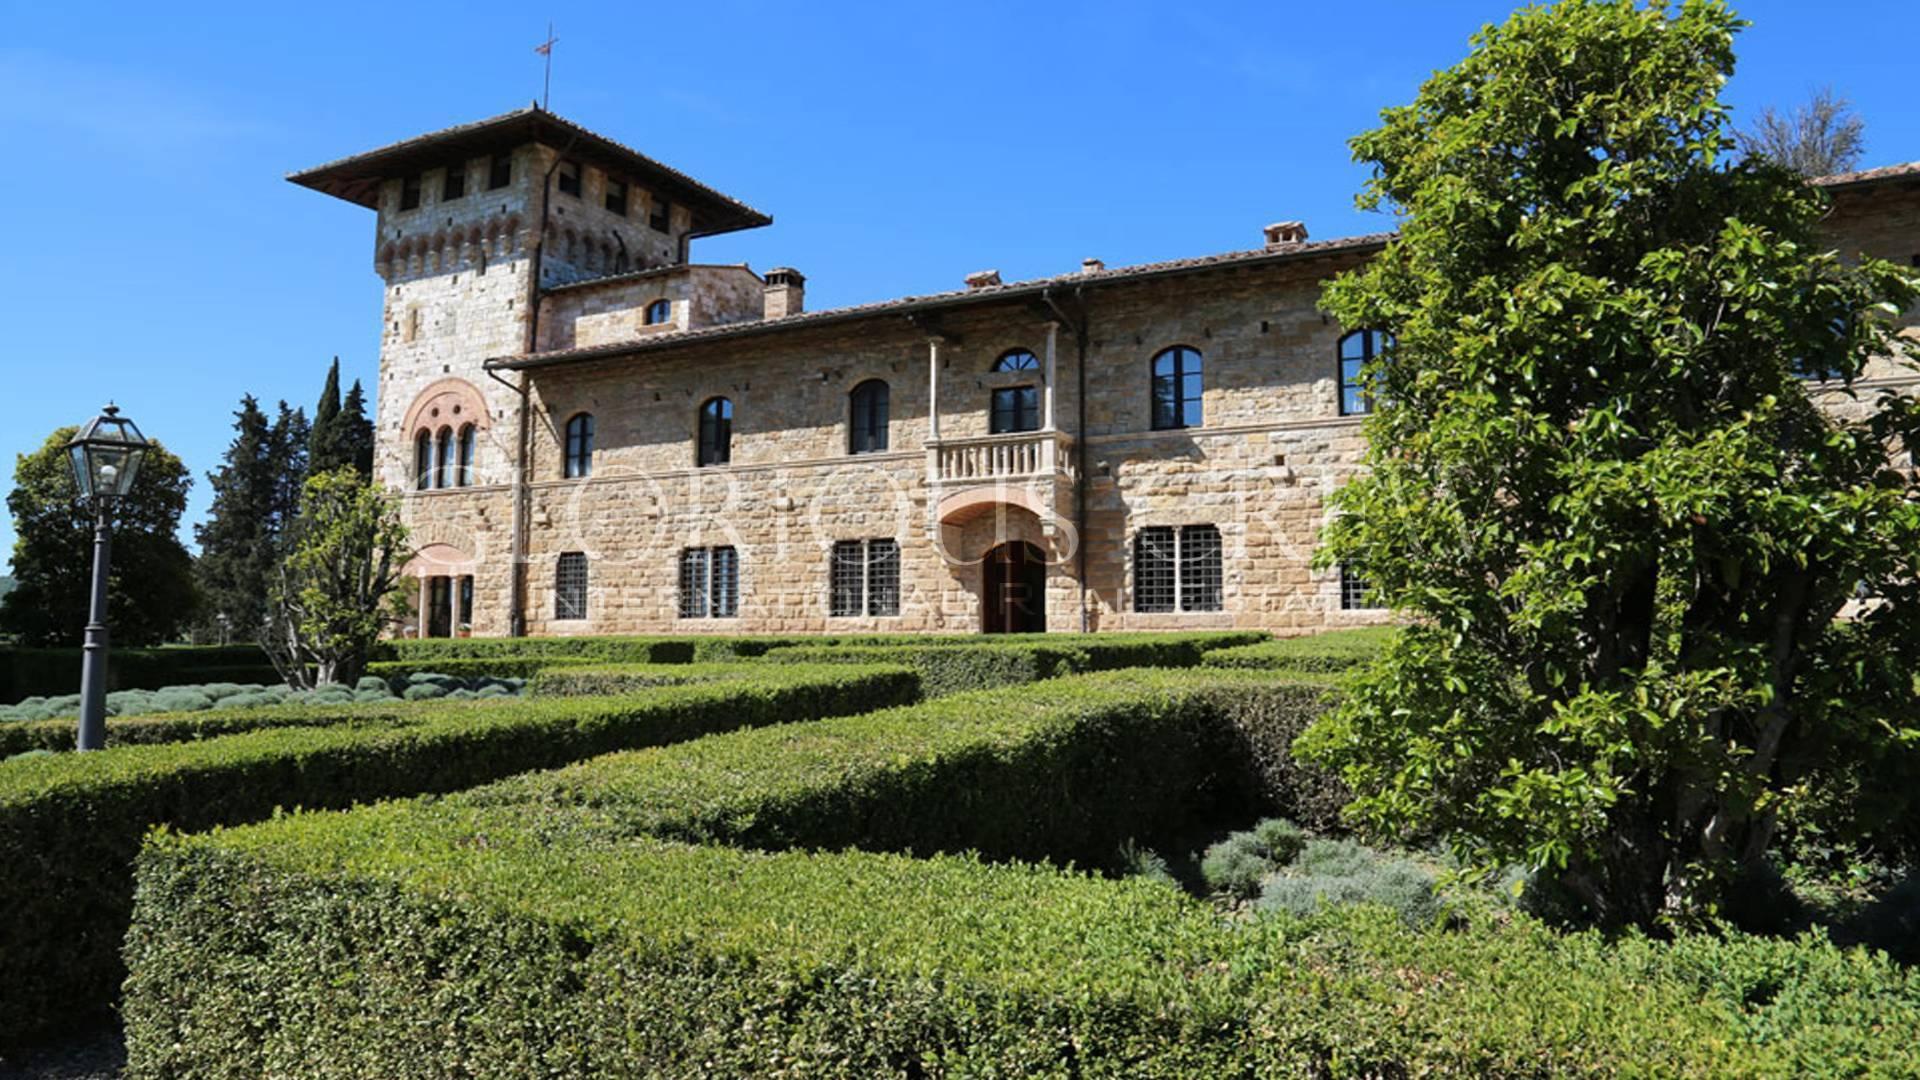 Rustico in Vendita a San Gimignano: 5 locali, 2500 mq - Foto 16